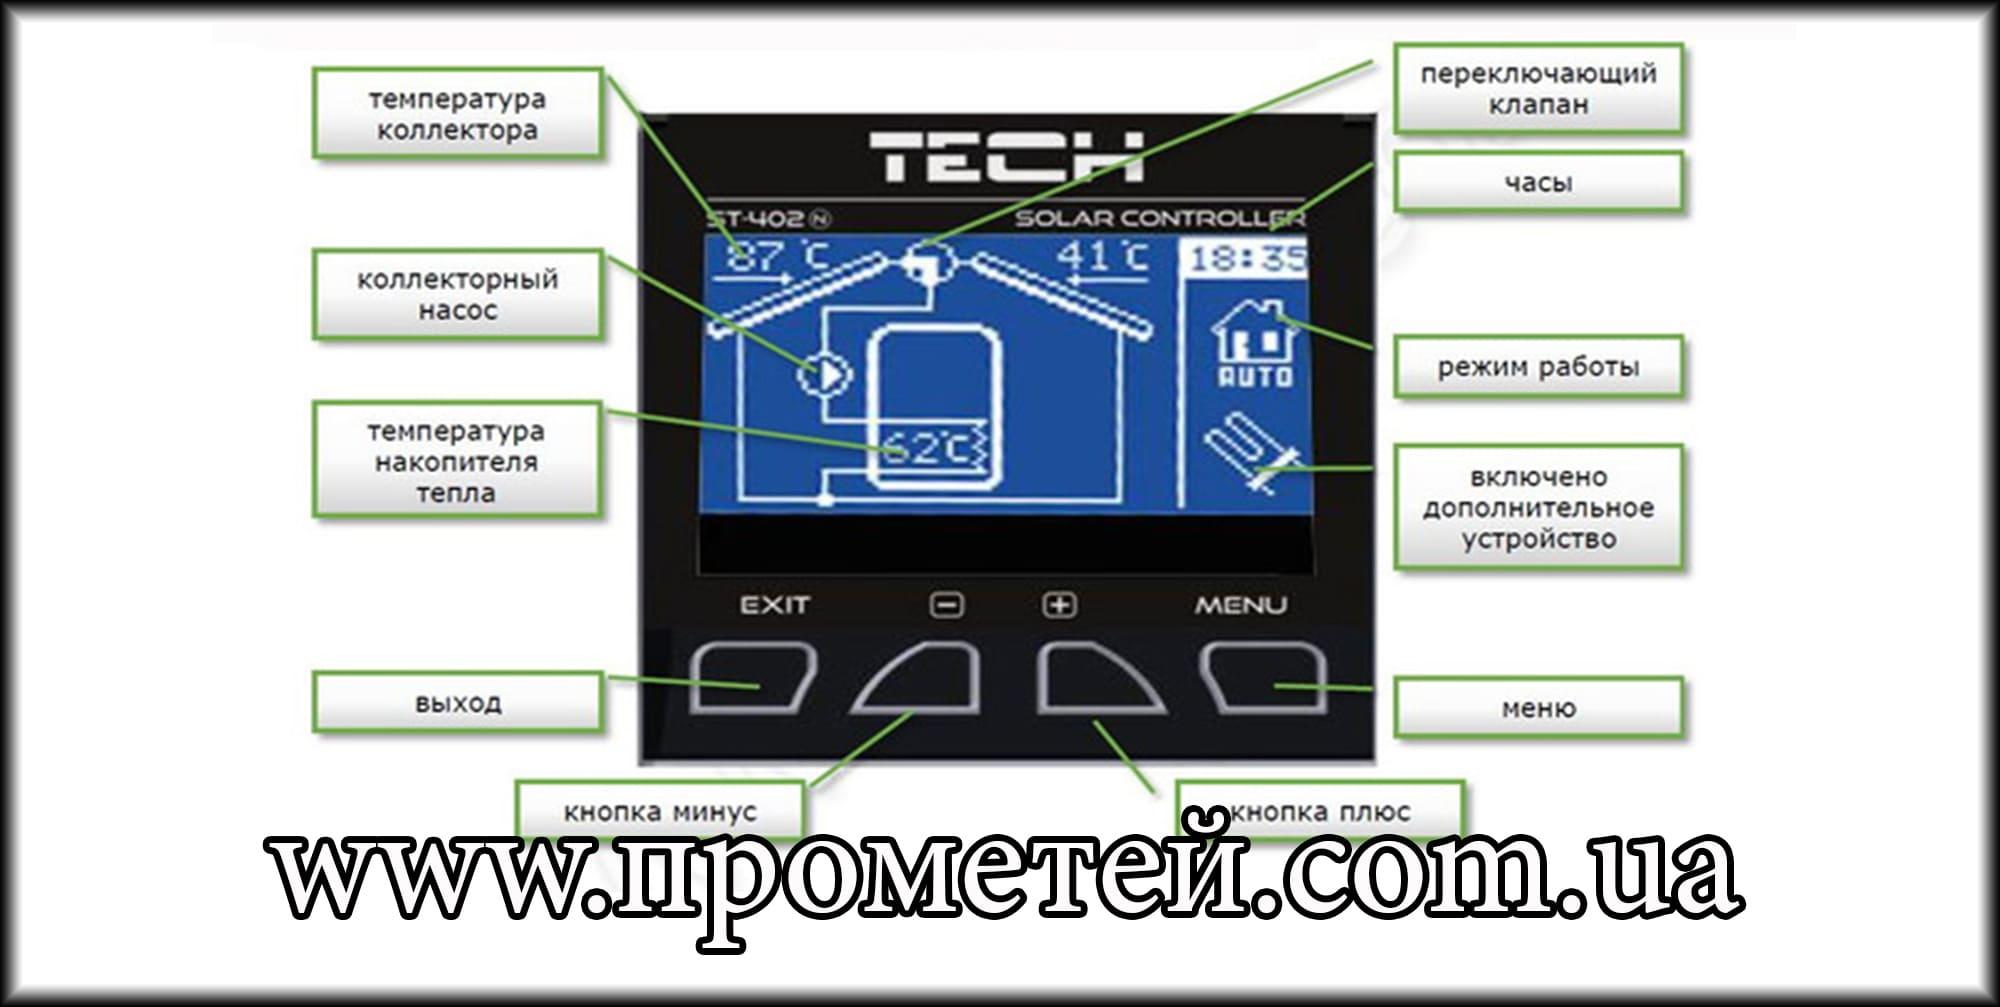 Контроллер солнечных коллекторов Теч СТ 402: лицевая панель